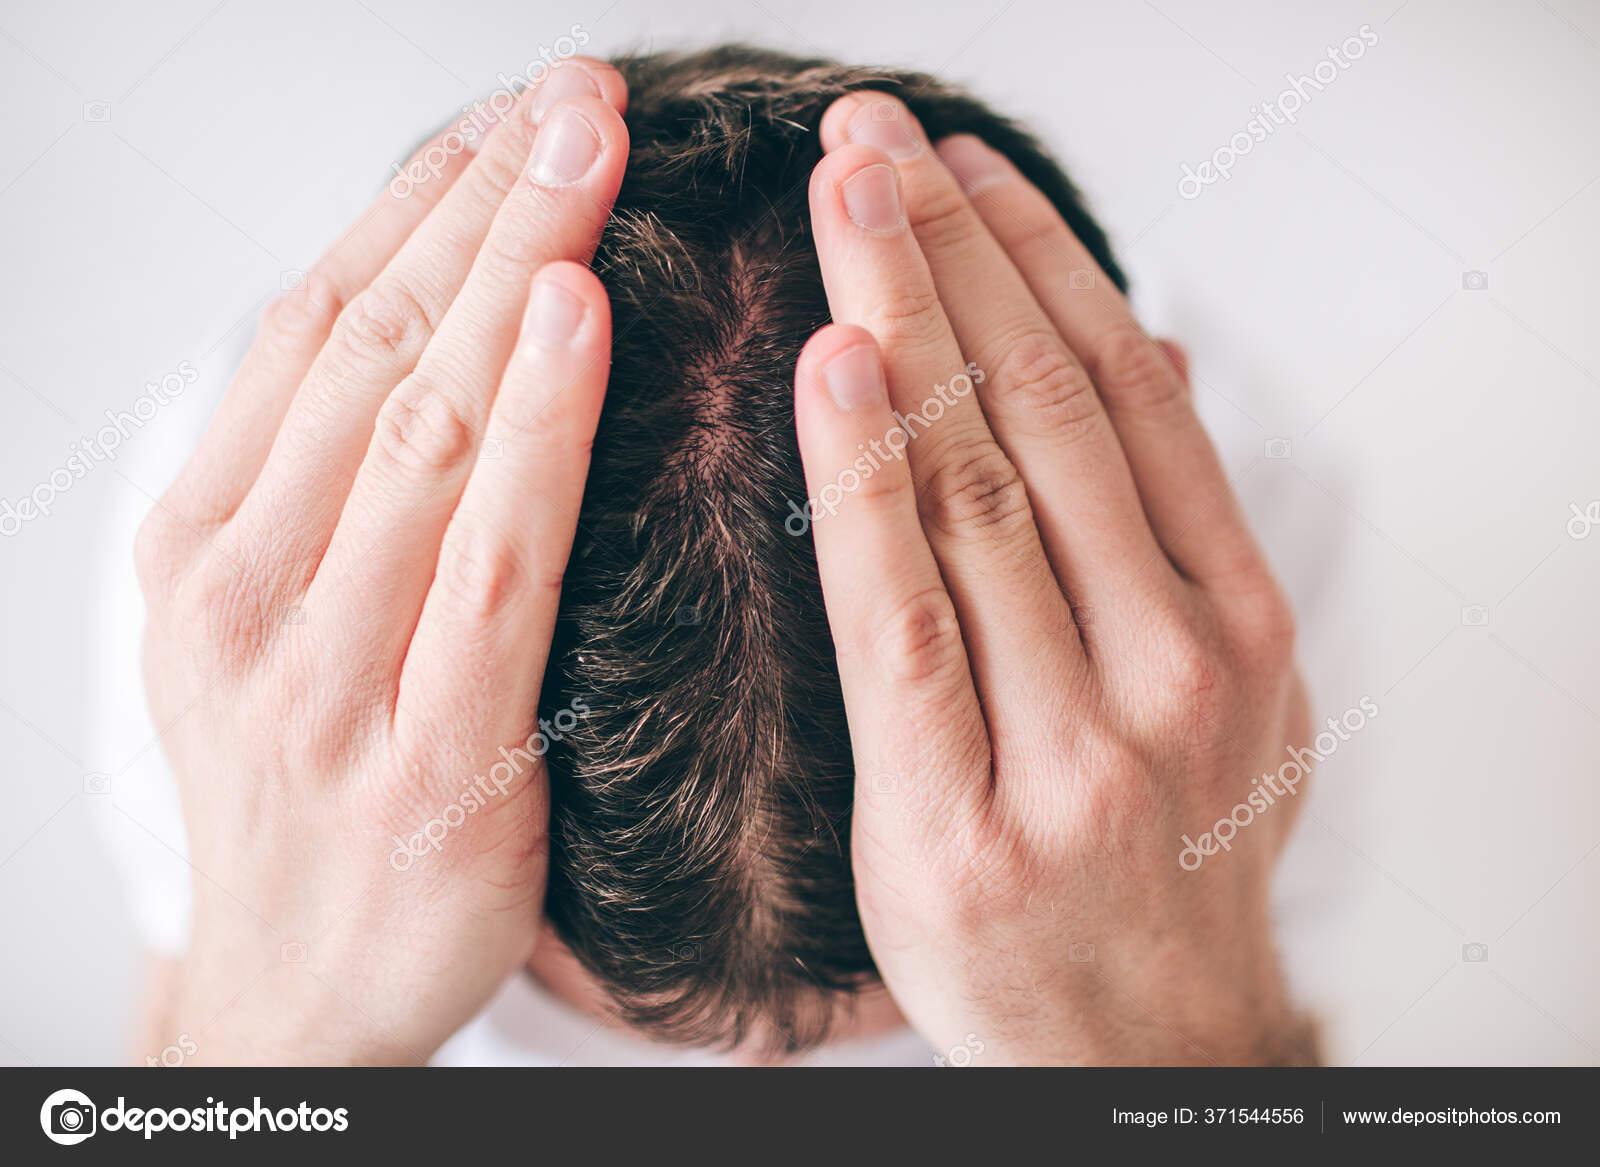 просмотра видео, фото когда голову просовываешь день предлагает